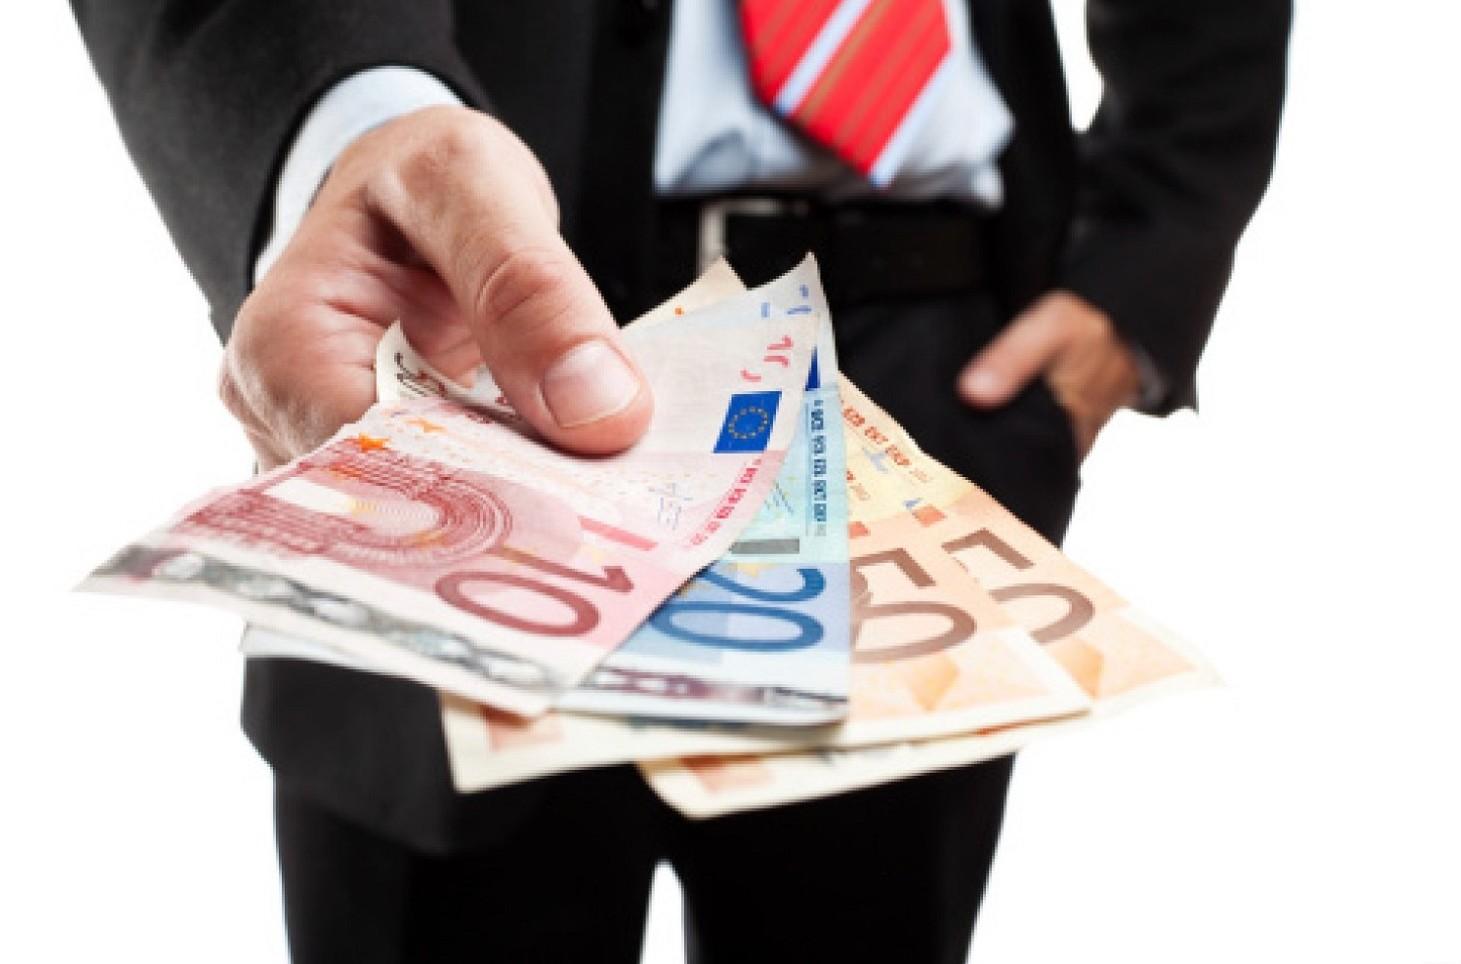 Prestiti personali Marzo 2019 migliori a